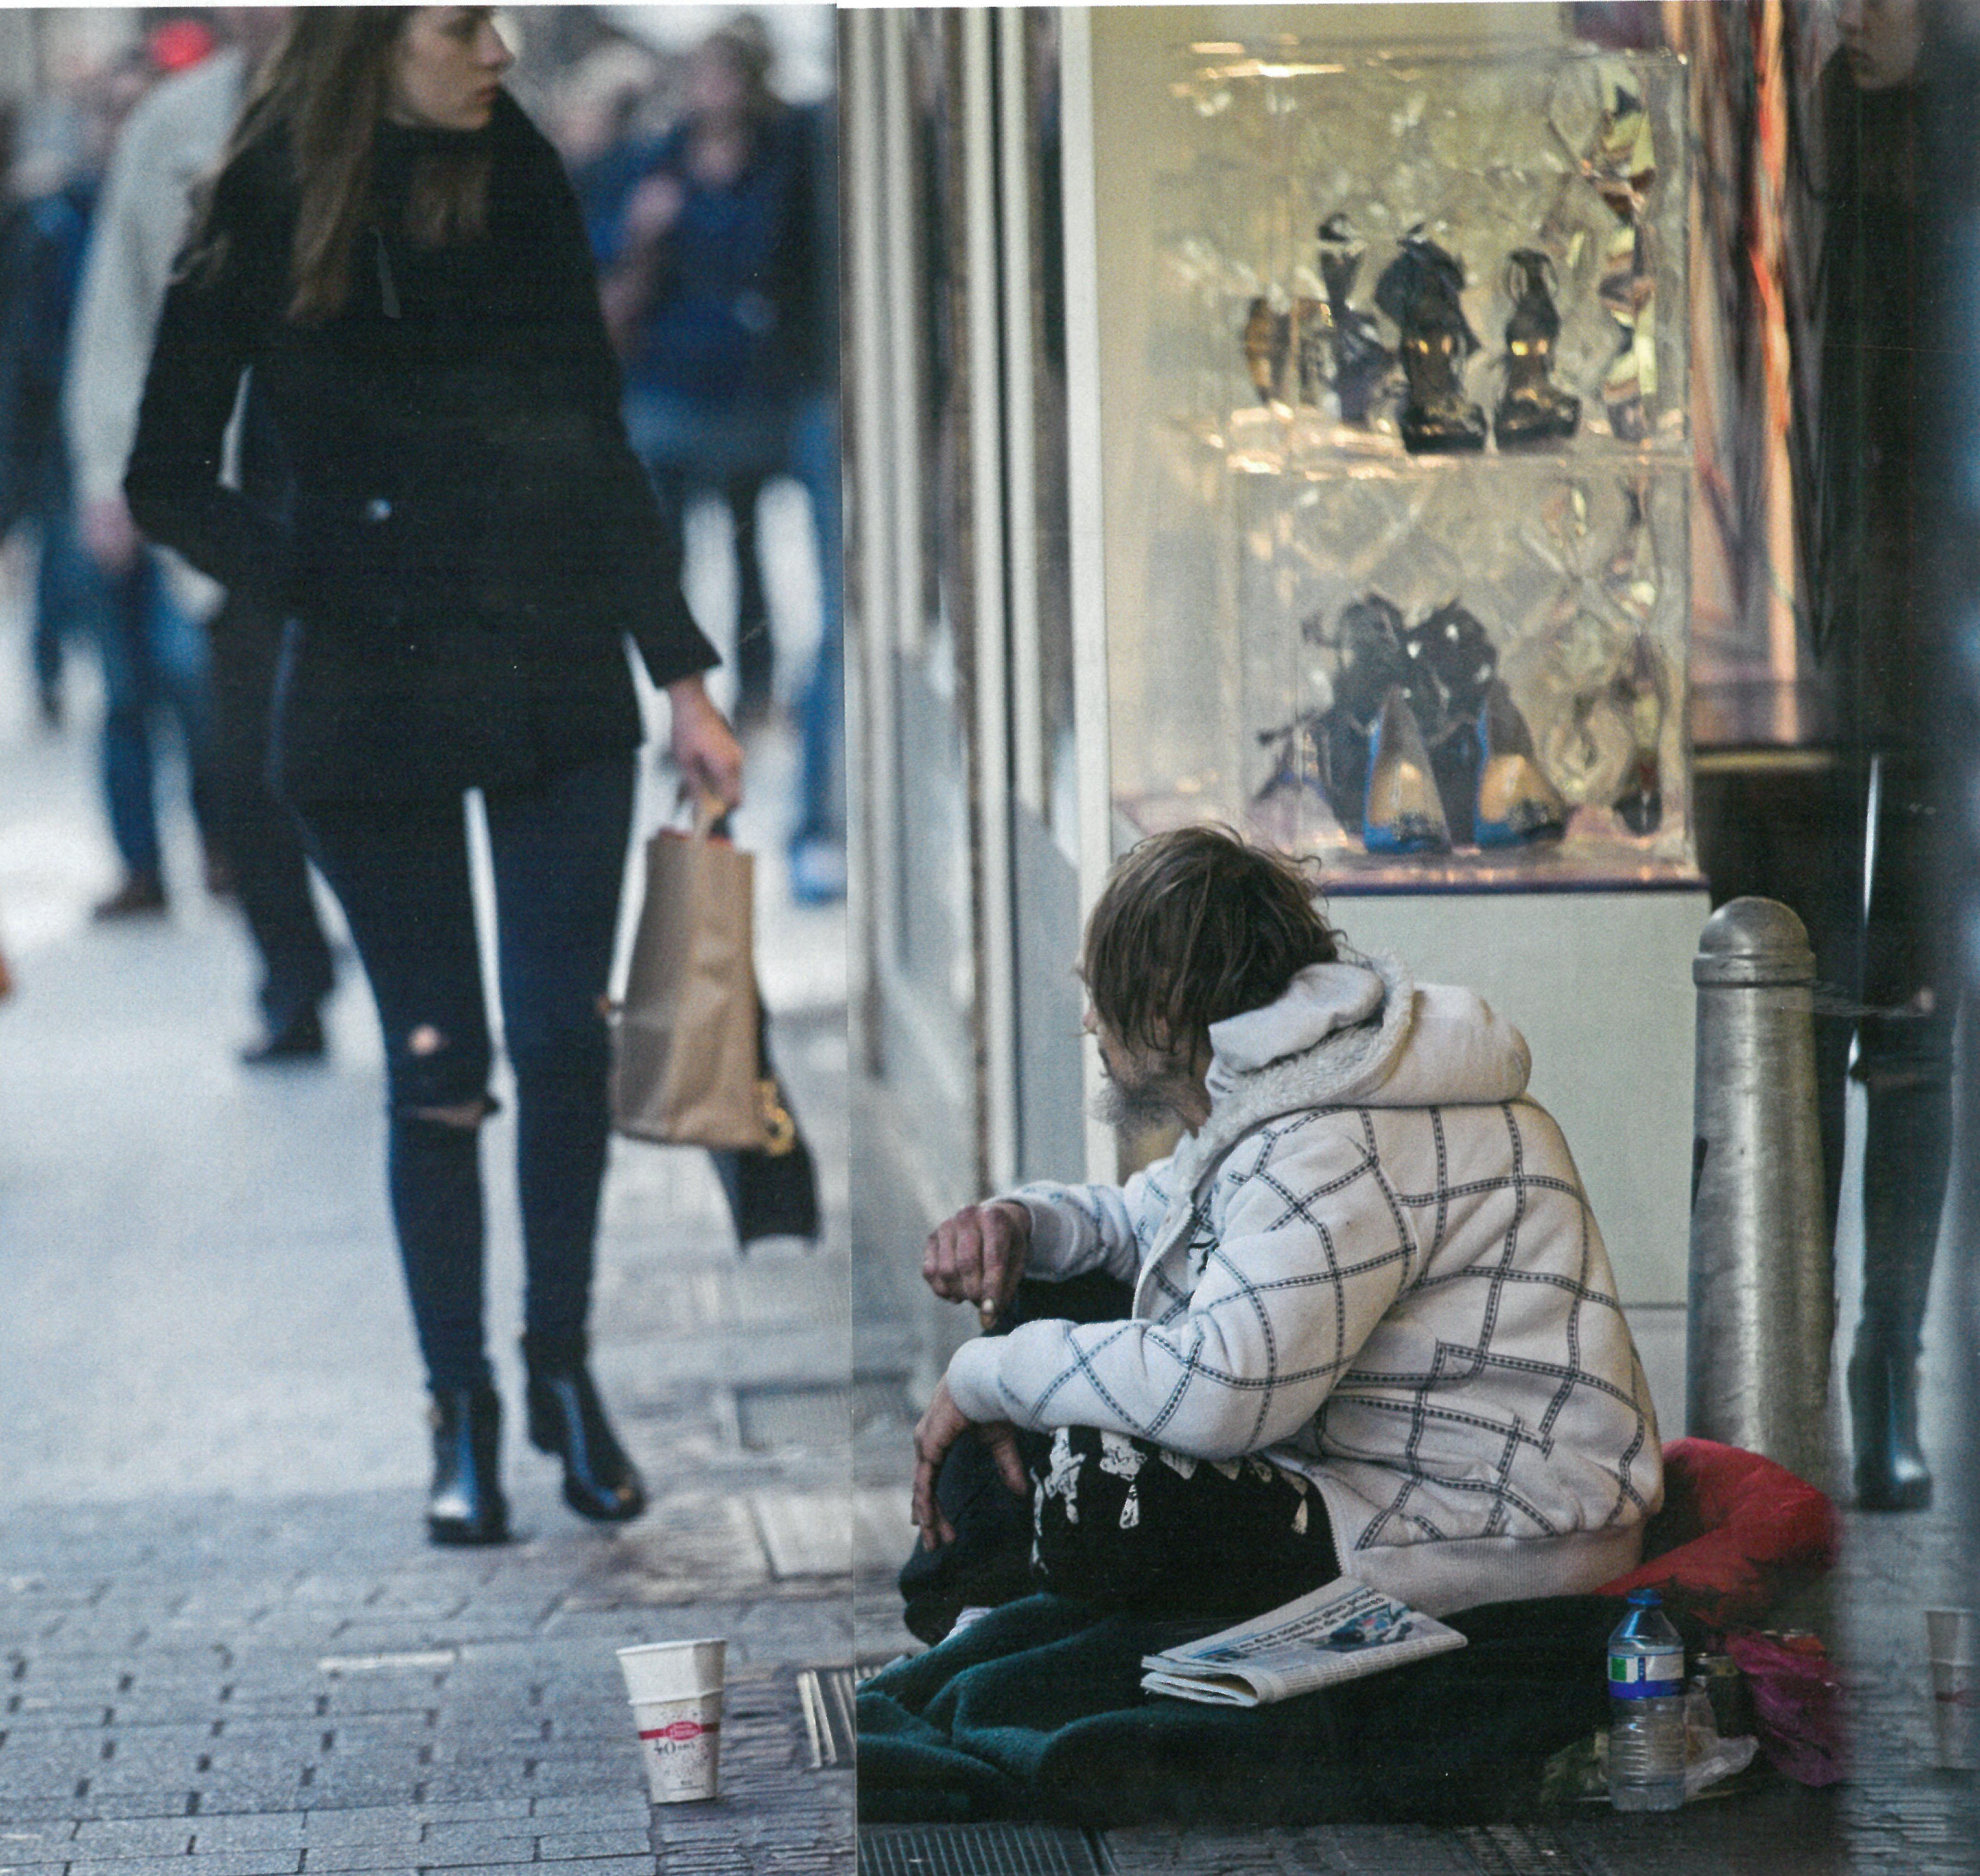 Obdachlos in der Kälte.